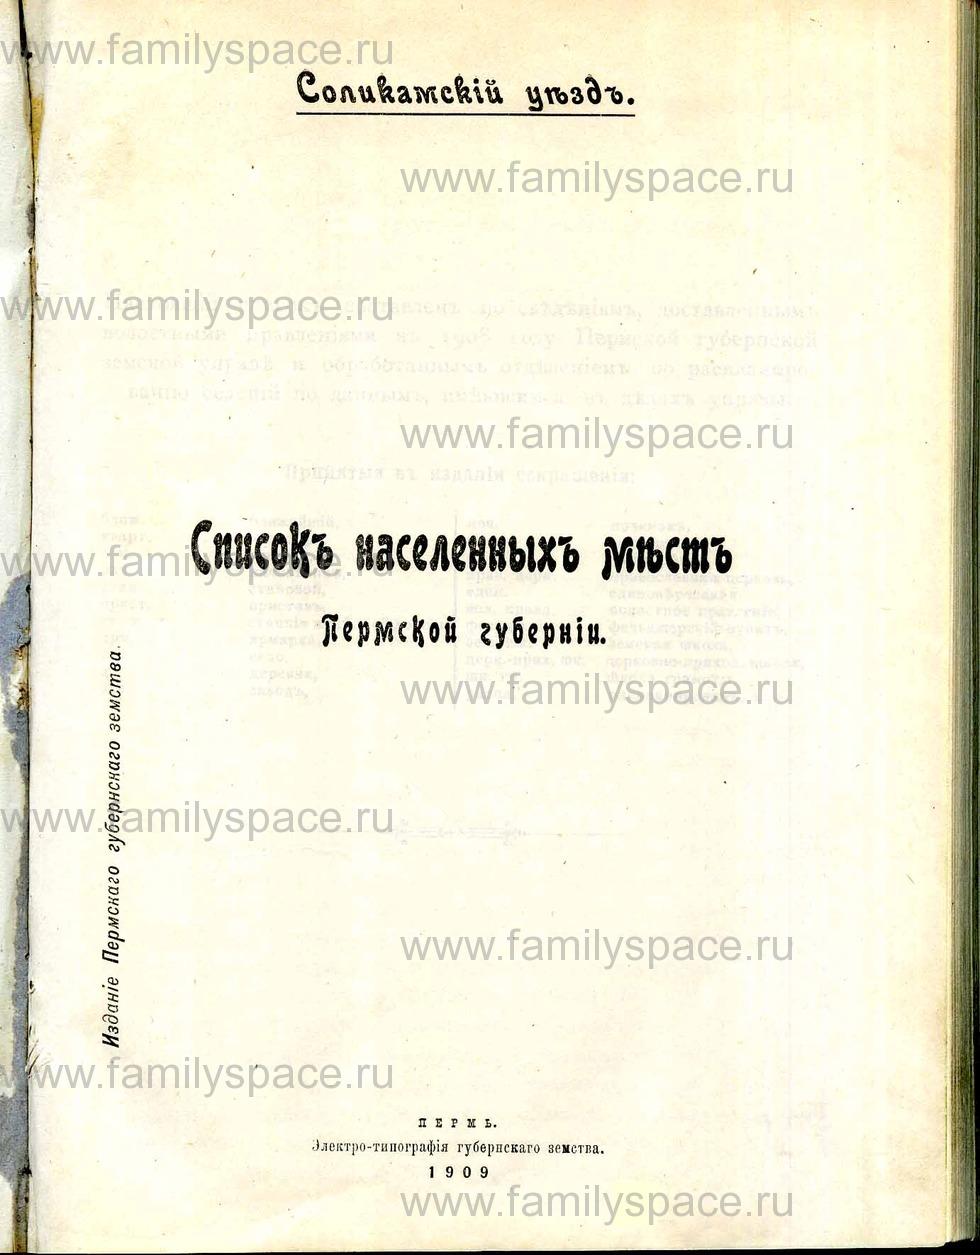 Поиск по фамилии - Список населенных мест Пермской губернии Соликамский уезд 1909 г, страница 1